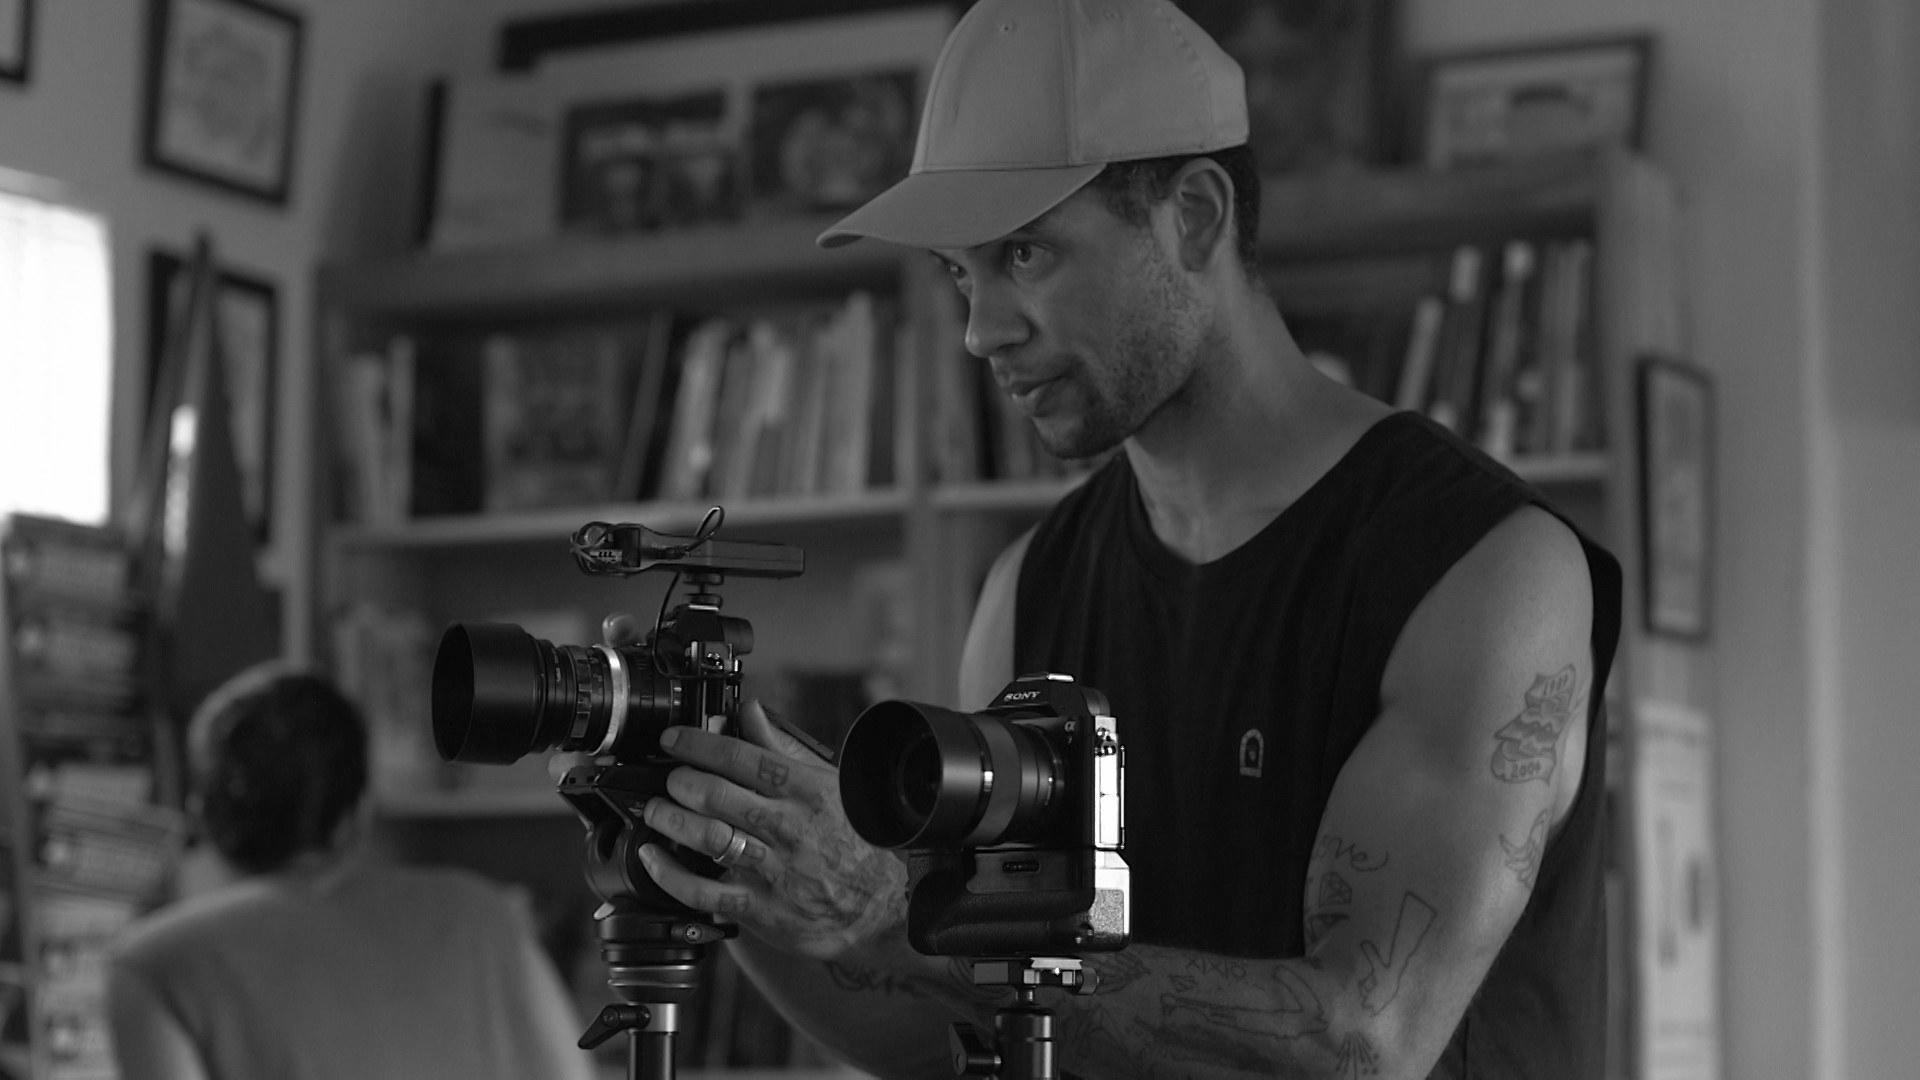 Still from Documentary Filmmaking, c/o instructor Tania Romero